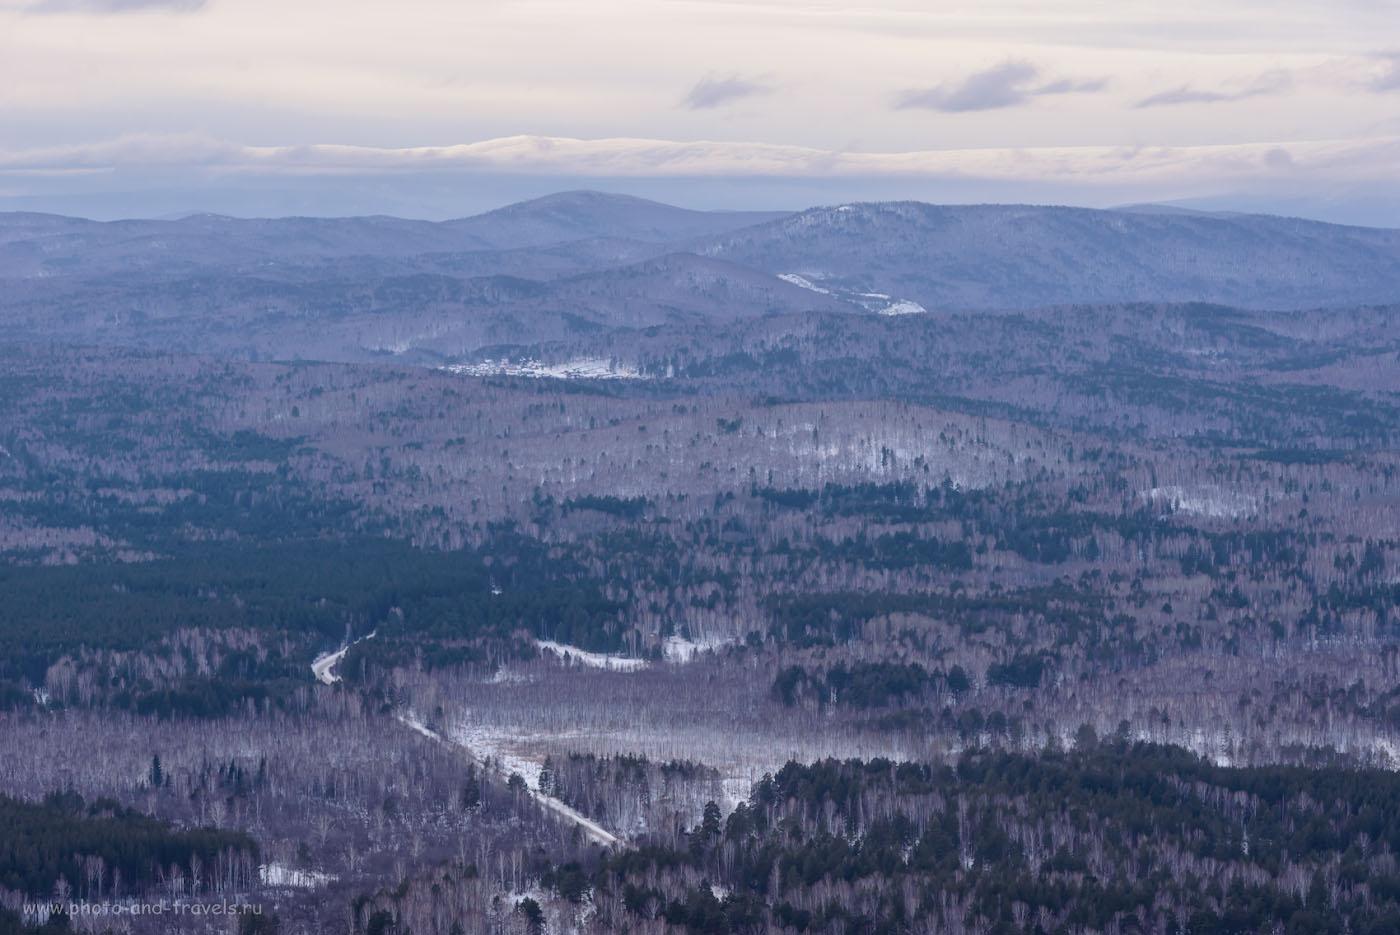 Фотография 15. А эти горы, мне кажется, уже территория национального парка Таганай. 1/400, 8.0, 640, 122.